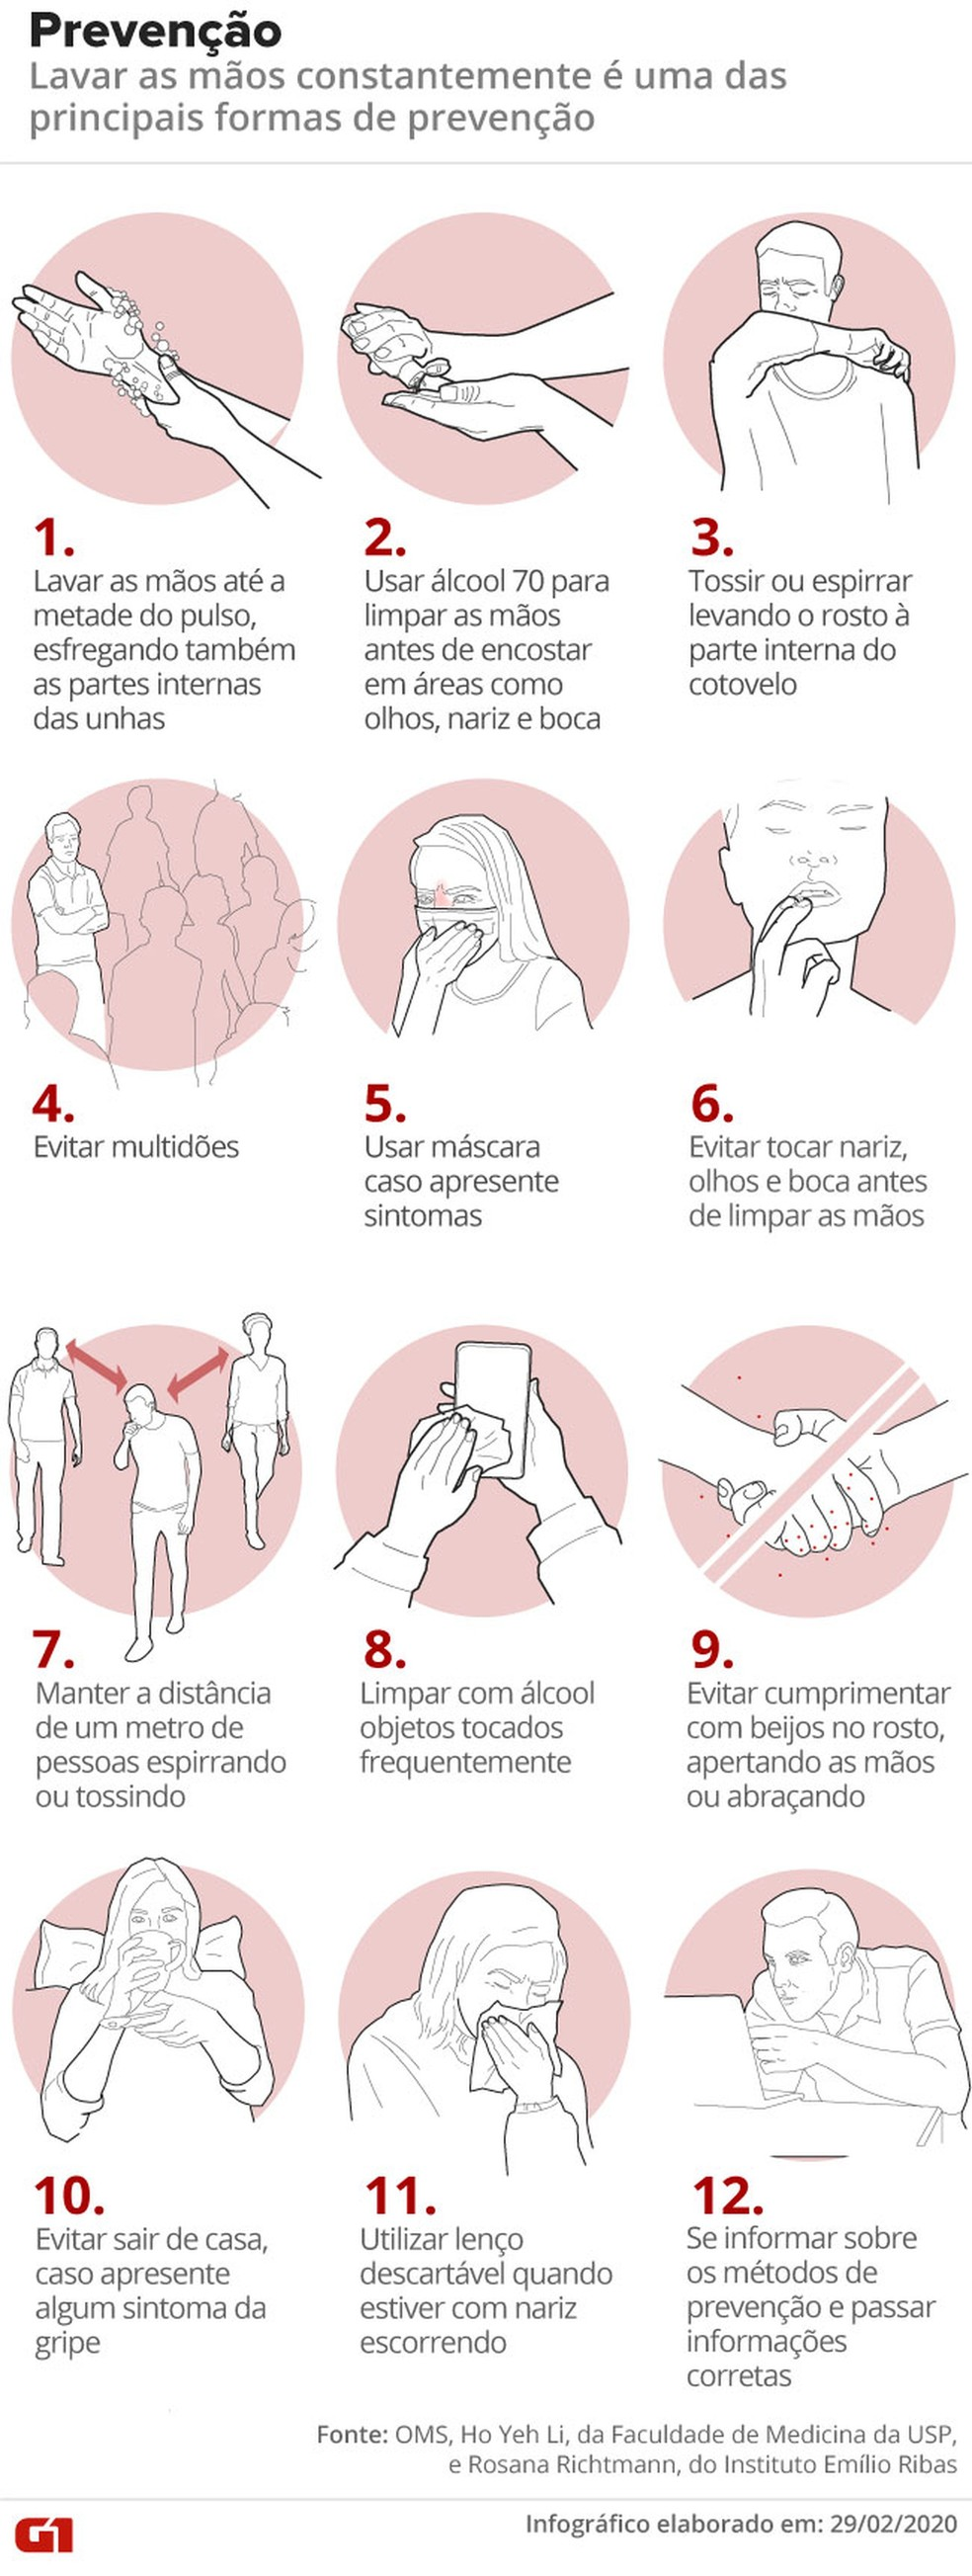 Dicas de prevenção contra o coronavírus  — Foto: Arte/G1